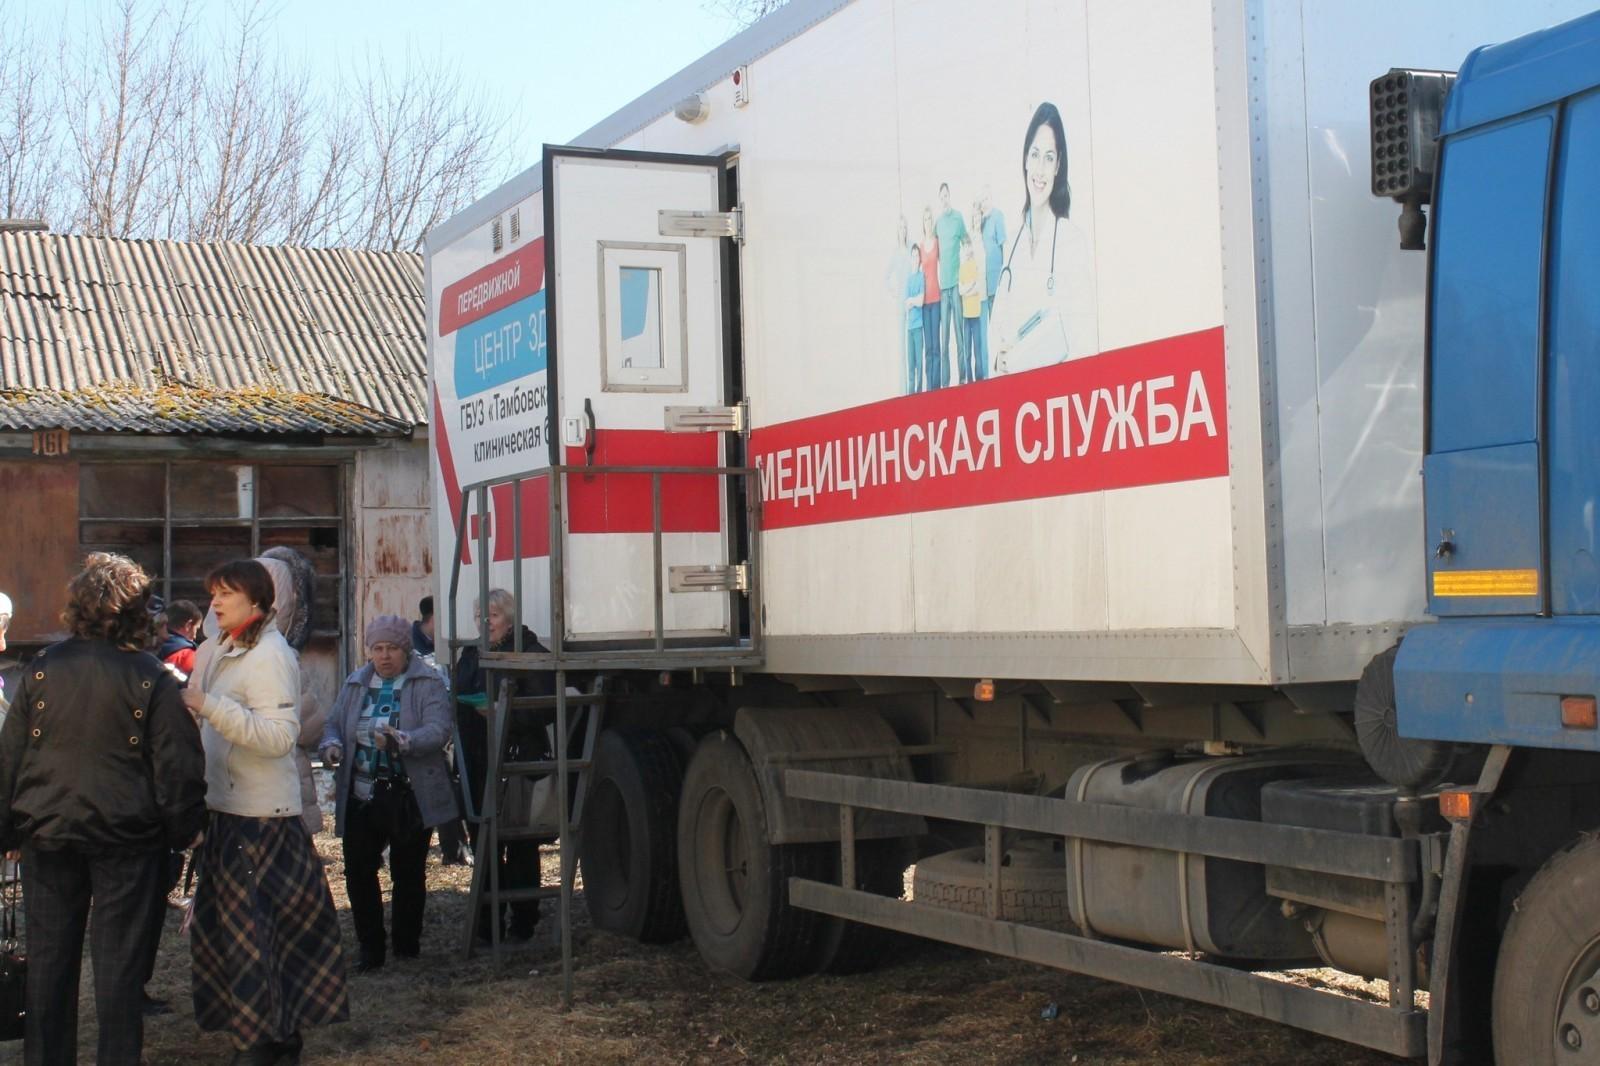 Более 5600 жителей отдаленных населенных пунктов получили медицинскую помощь в рамках проекта «Социальный автопоезд «Забота»